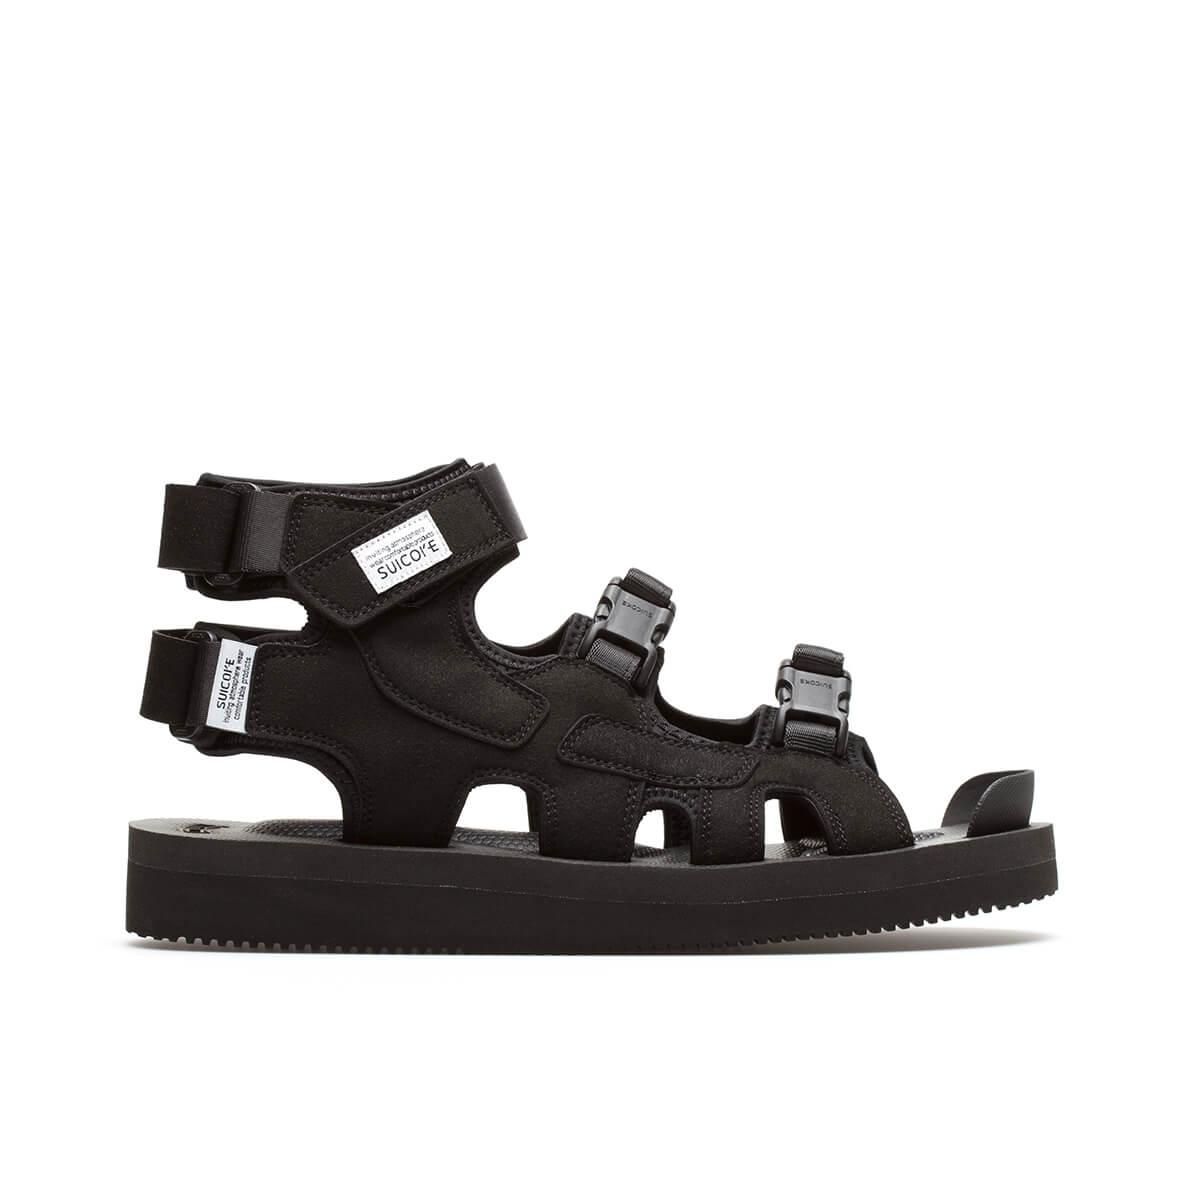 SUICOKE Boak-V sandals - OG-086V._001